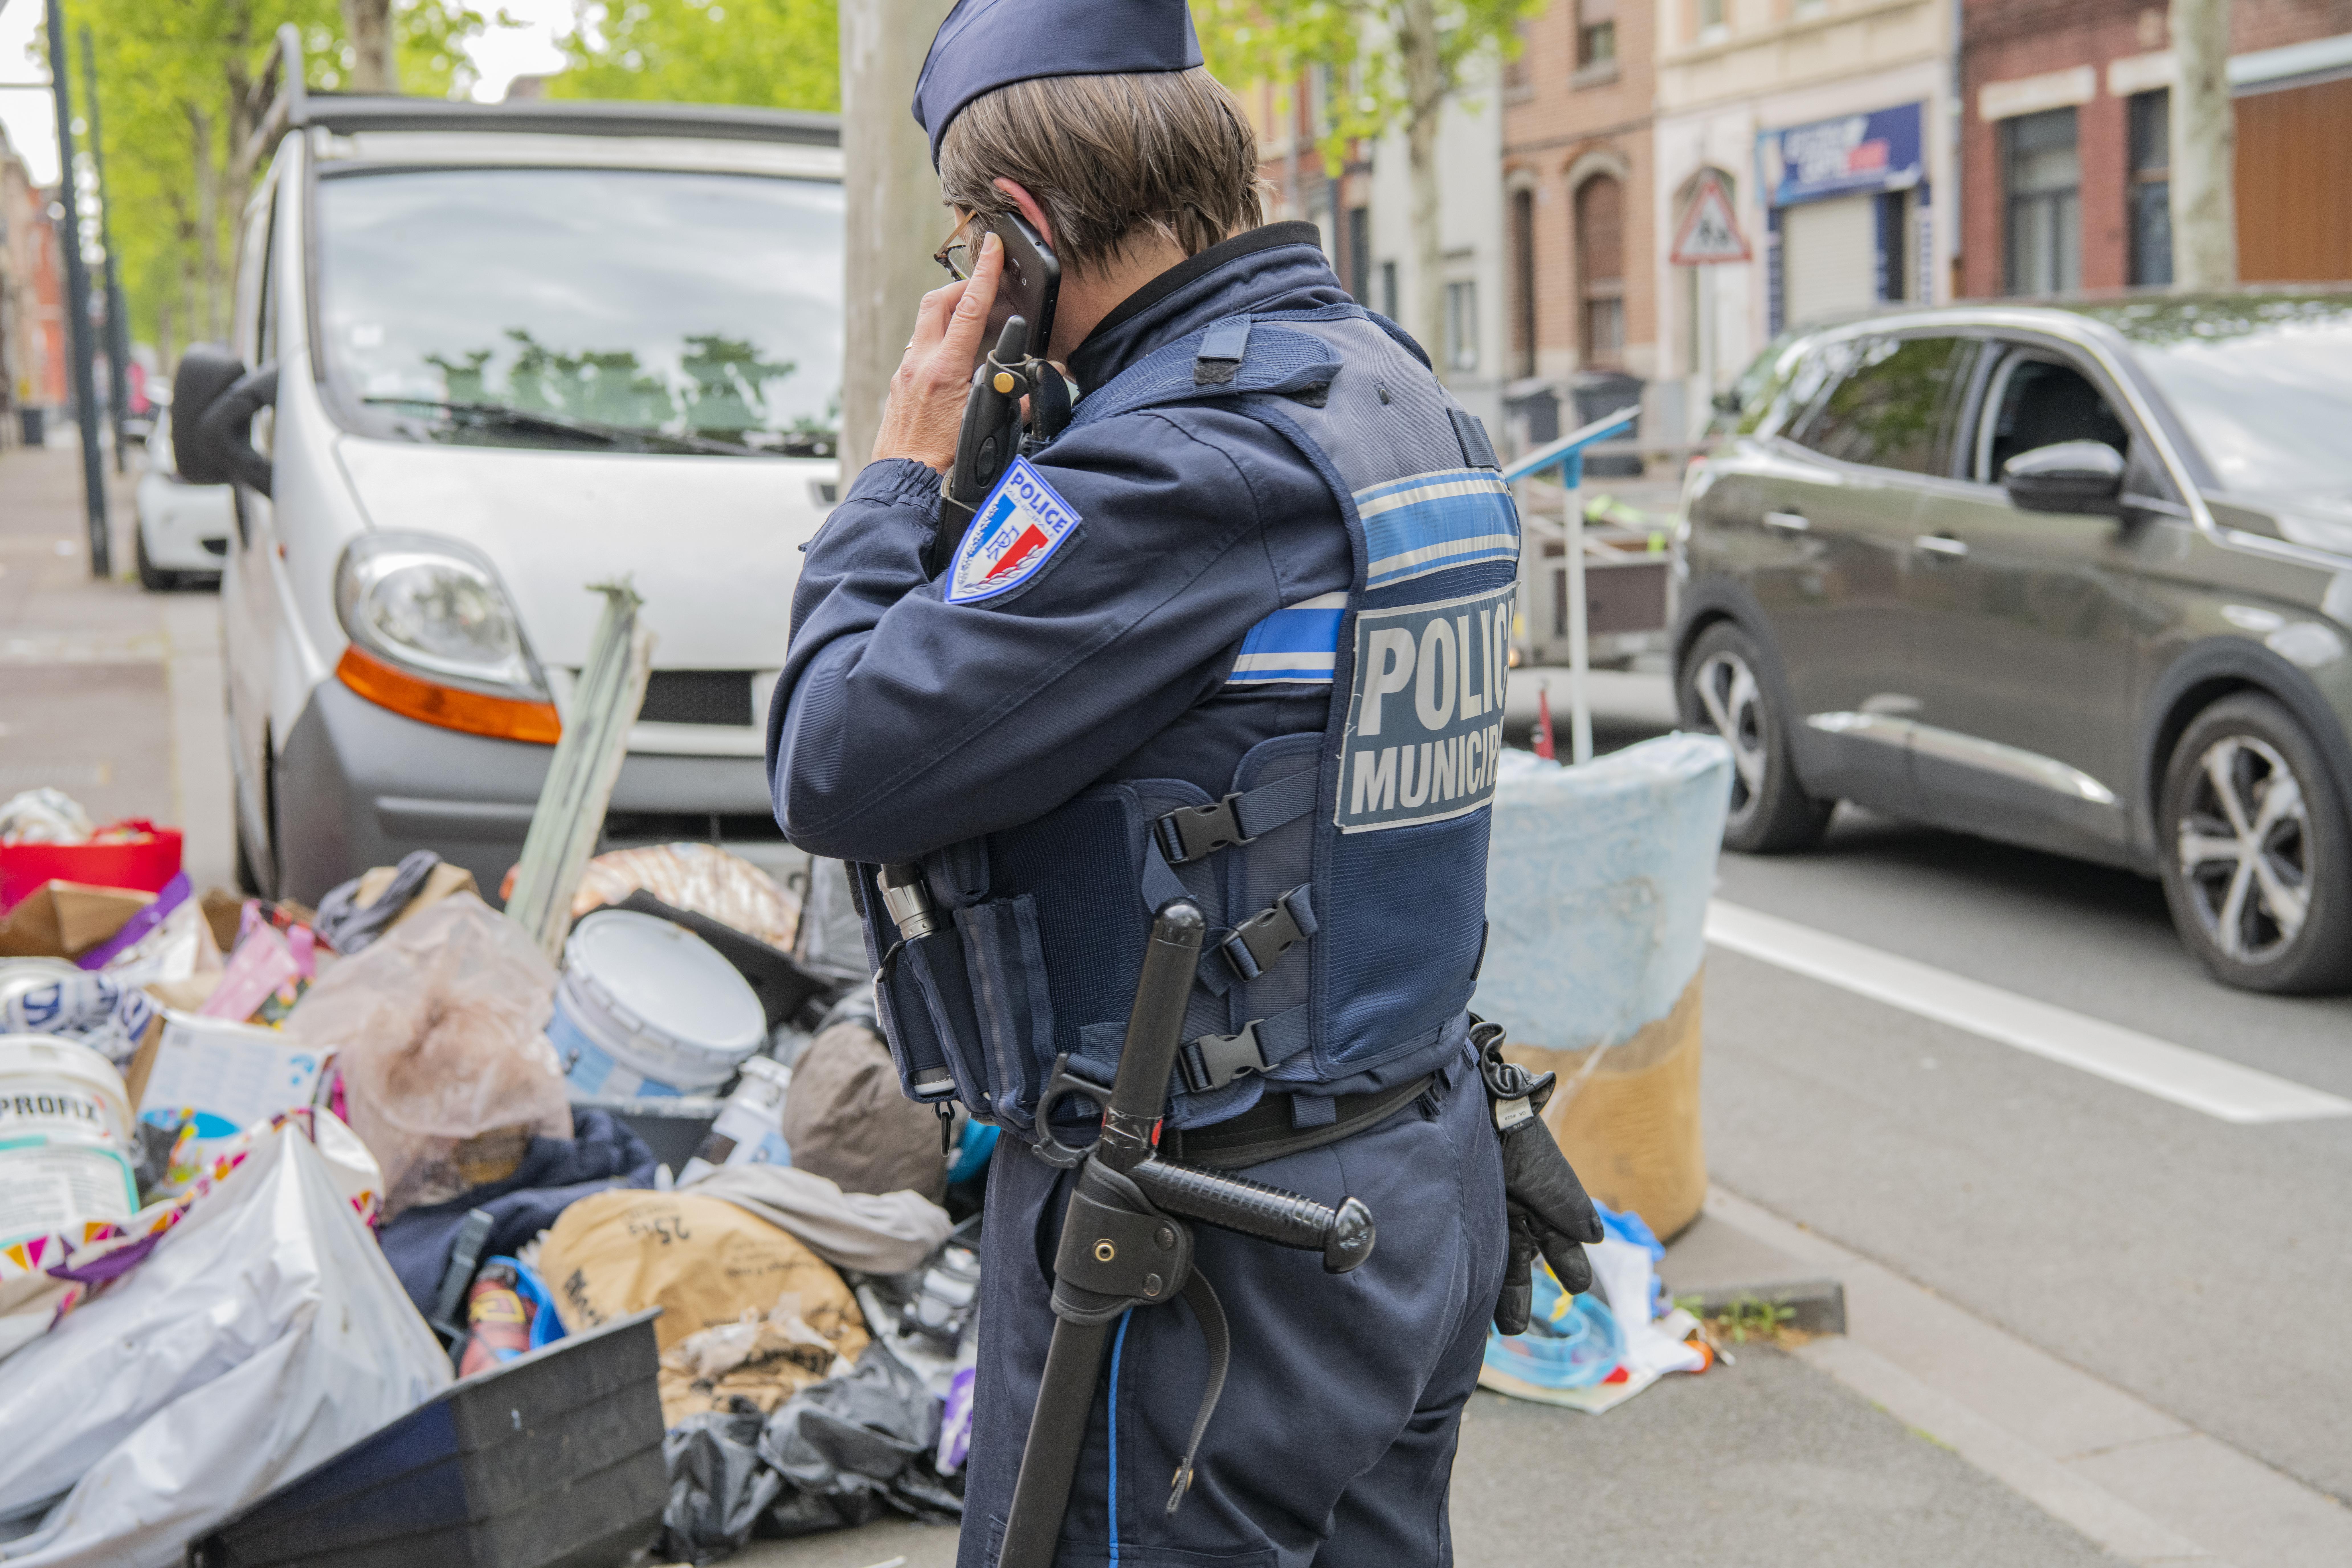 Les agents de la police du cadre de vie verbalisent les personnes responsables de dépôts sauvages